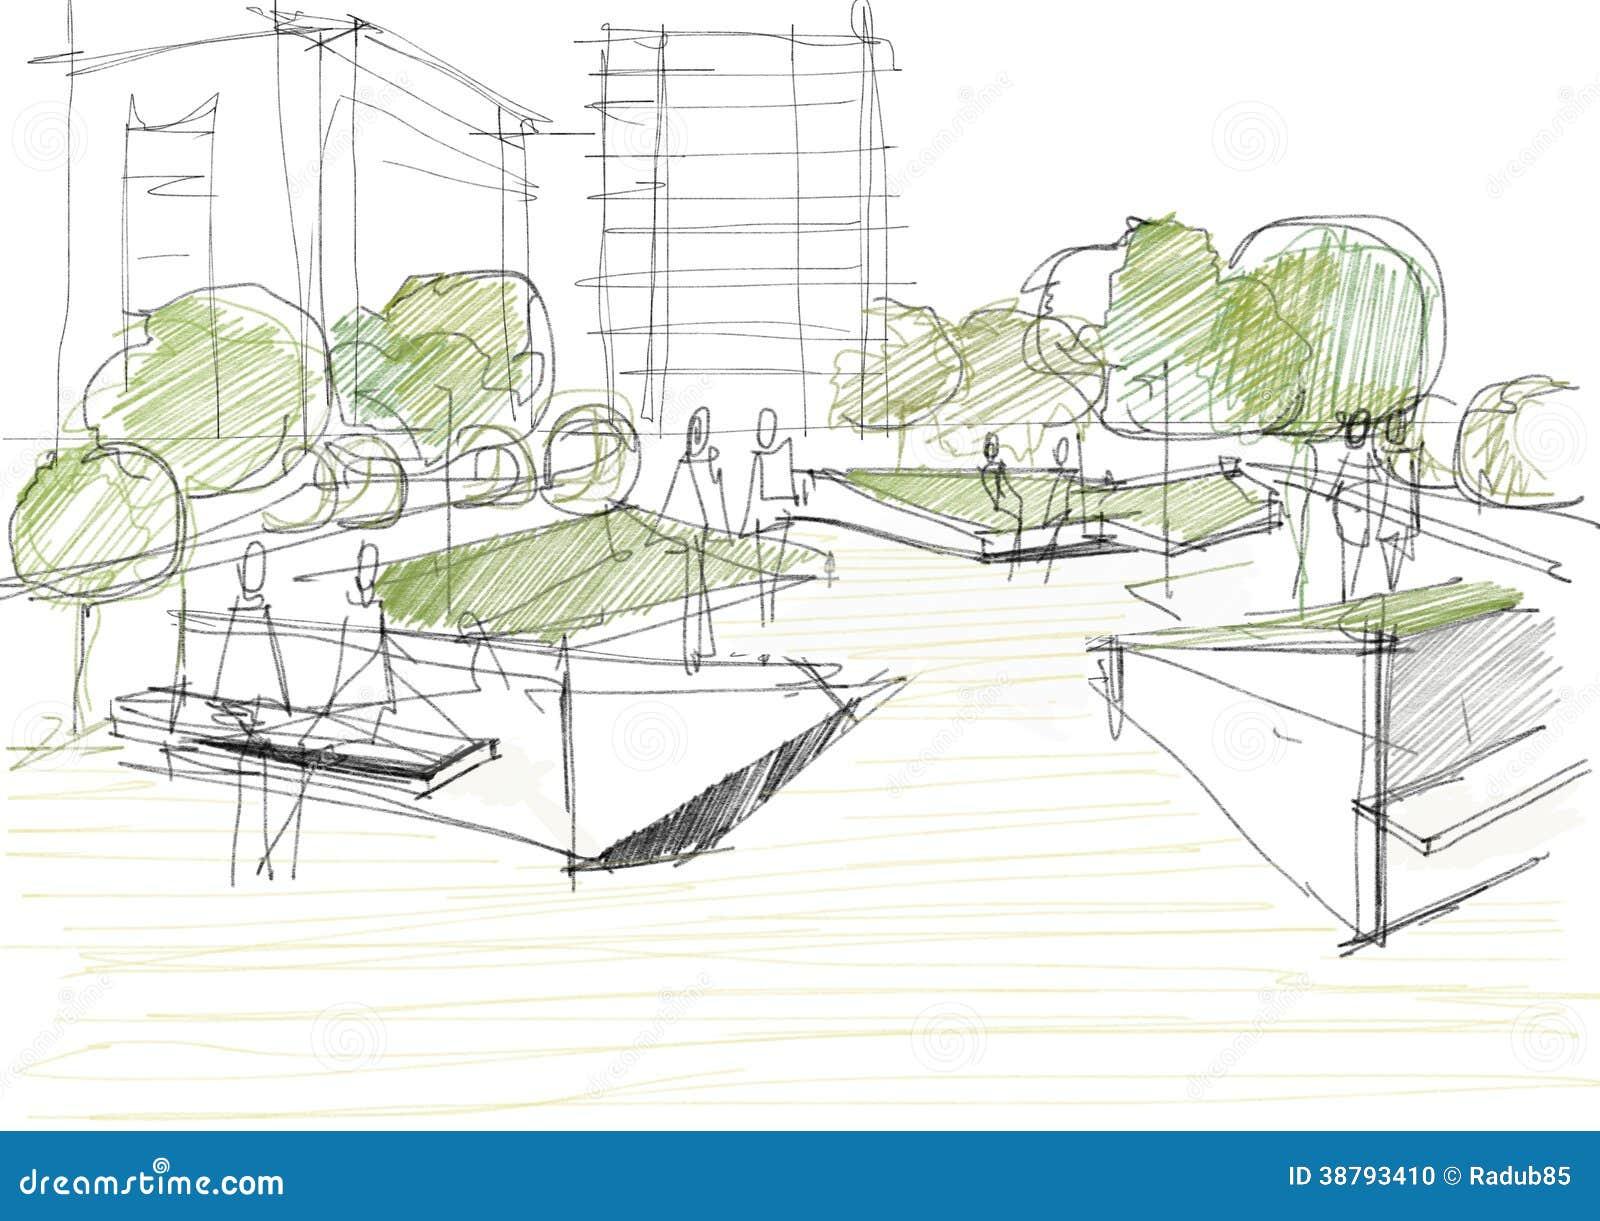 Allgemeiner Park Mit Leute Architekturskizzen Illustration